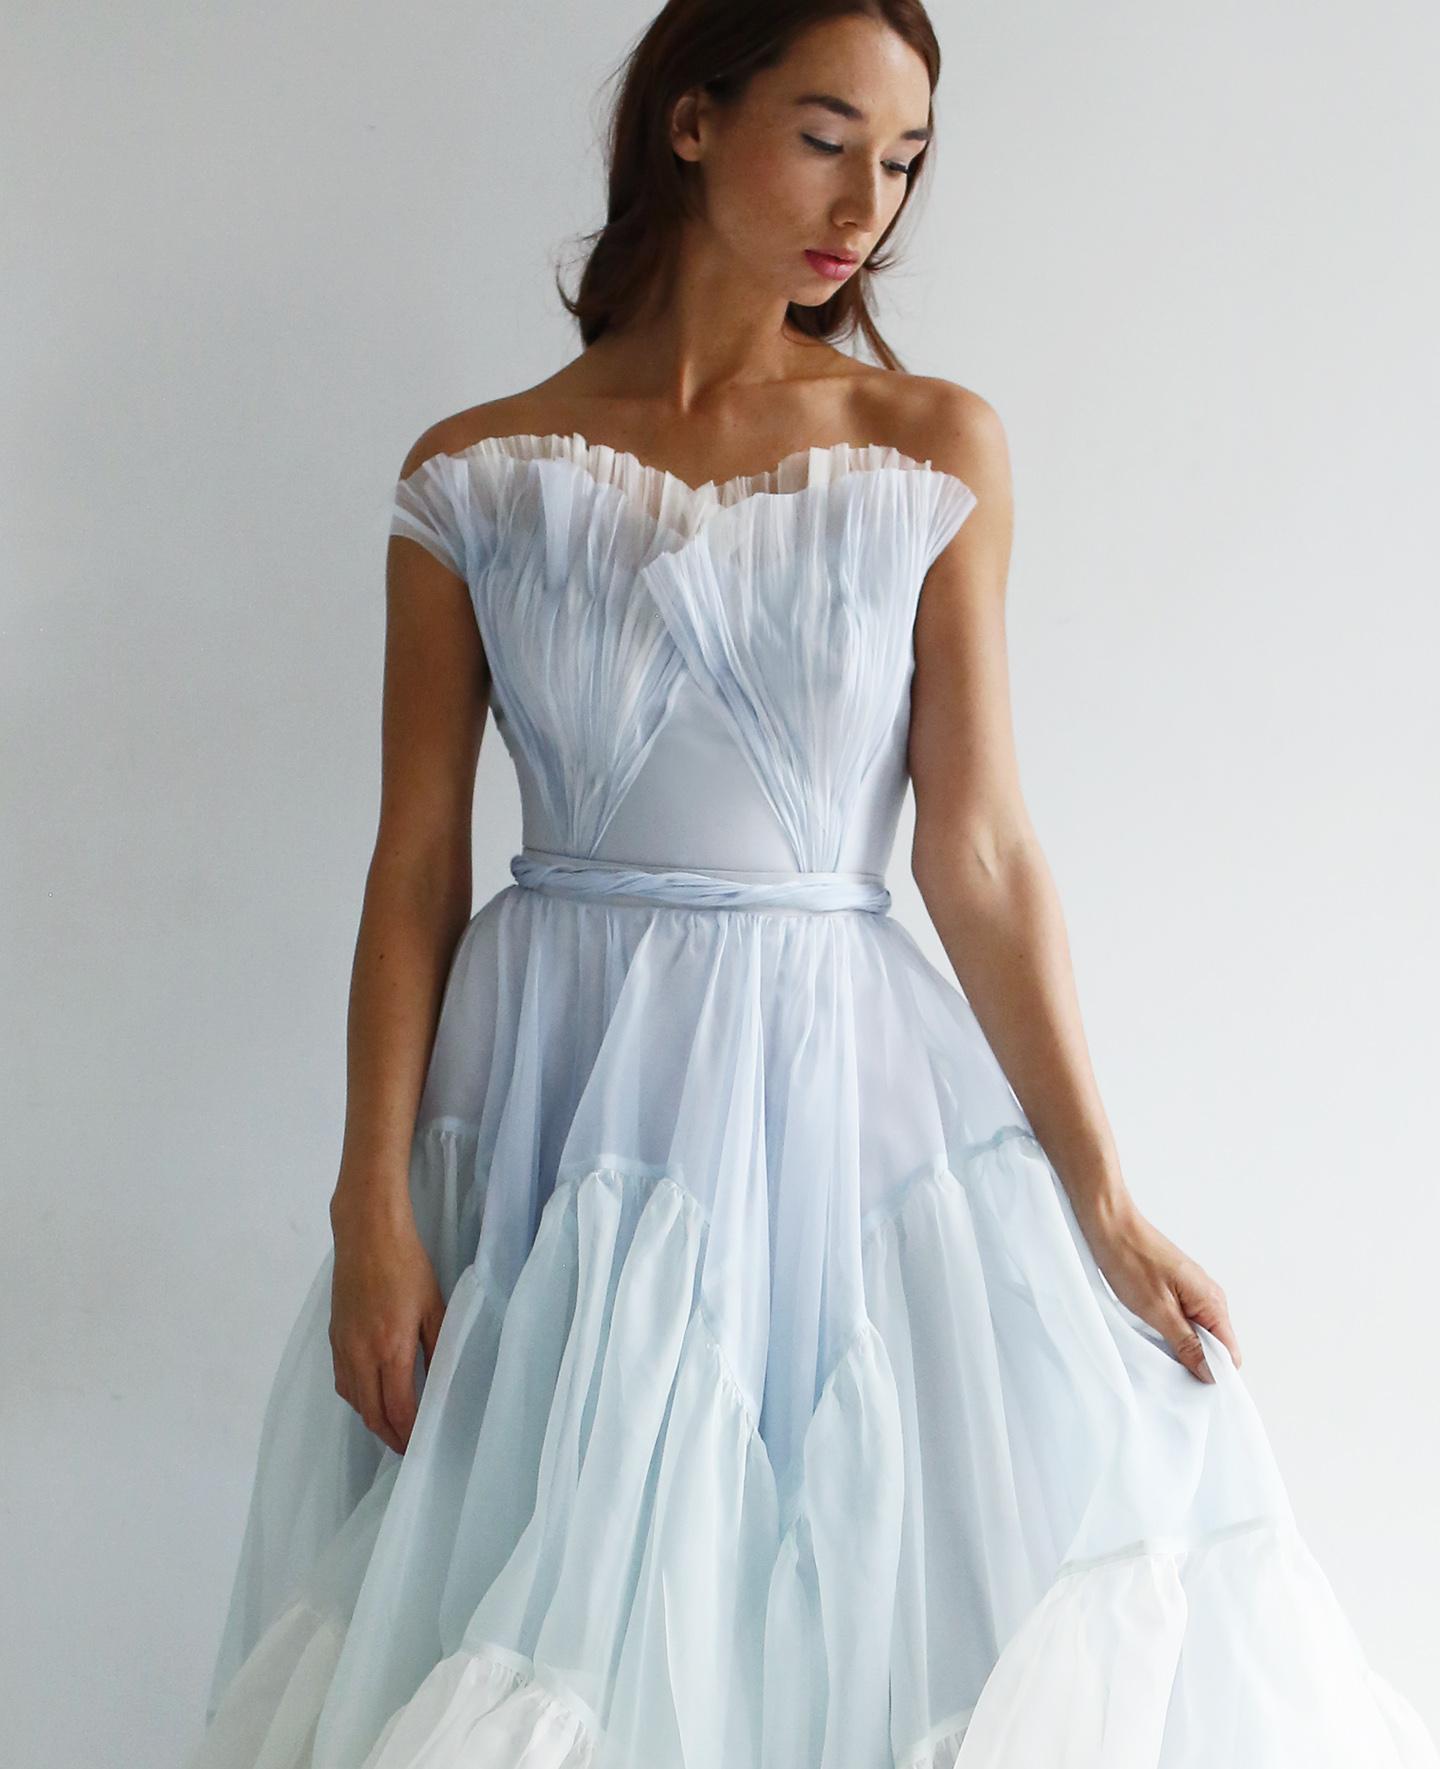 leanne-marshall-bridal-16.jpg